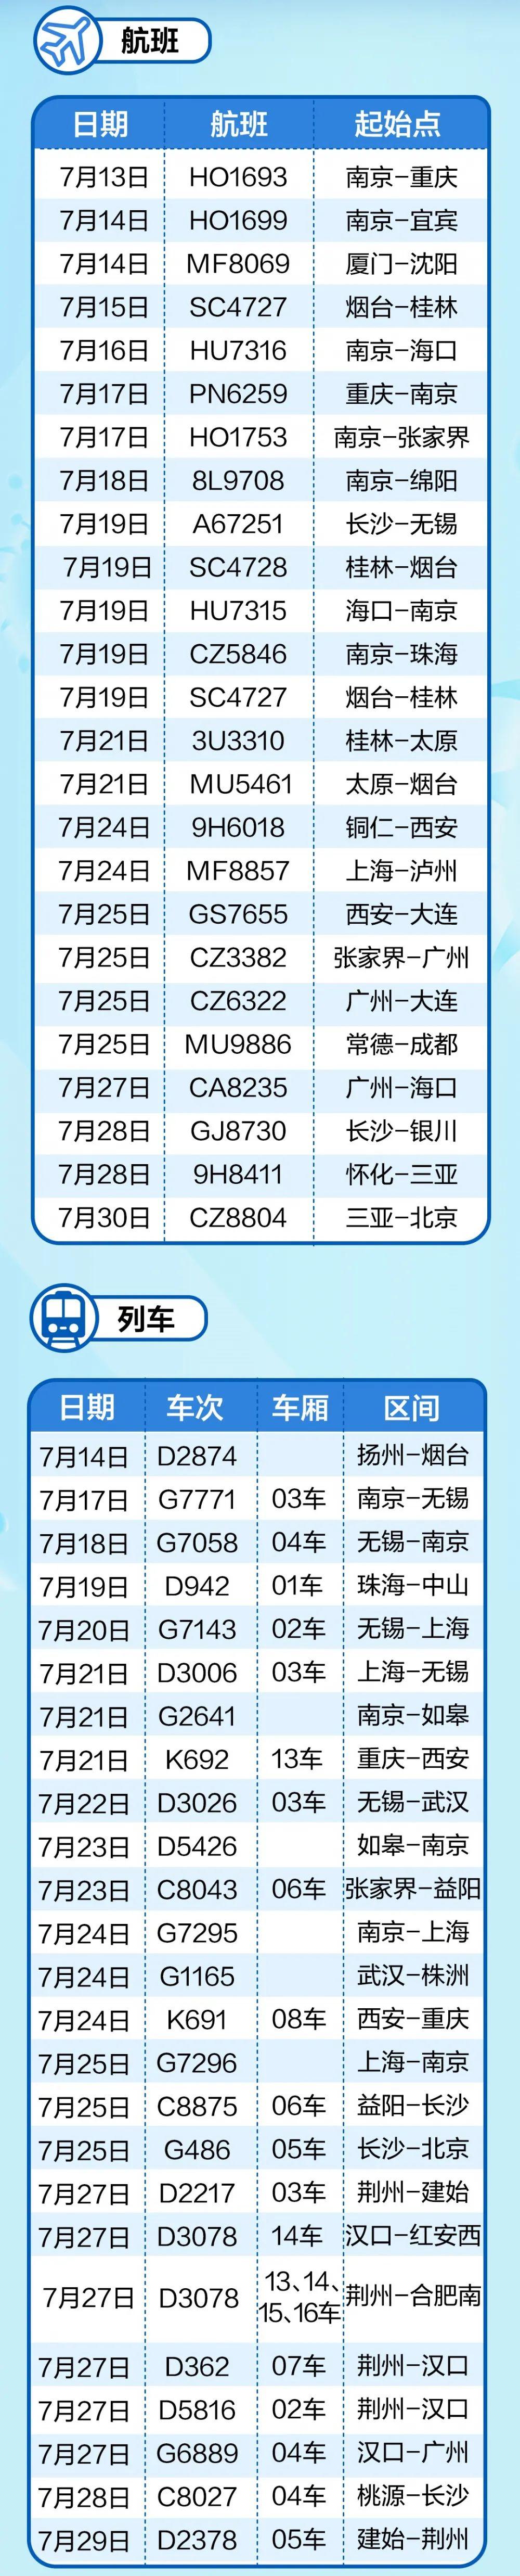 你近期乘坐这些航班和列车吗?请主动上报